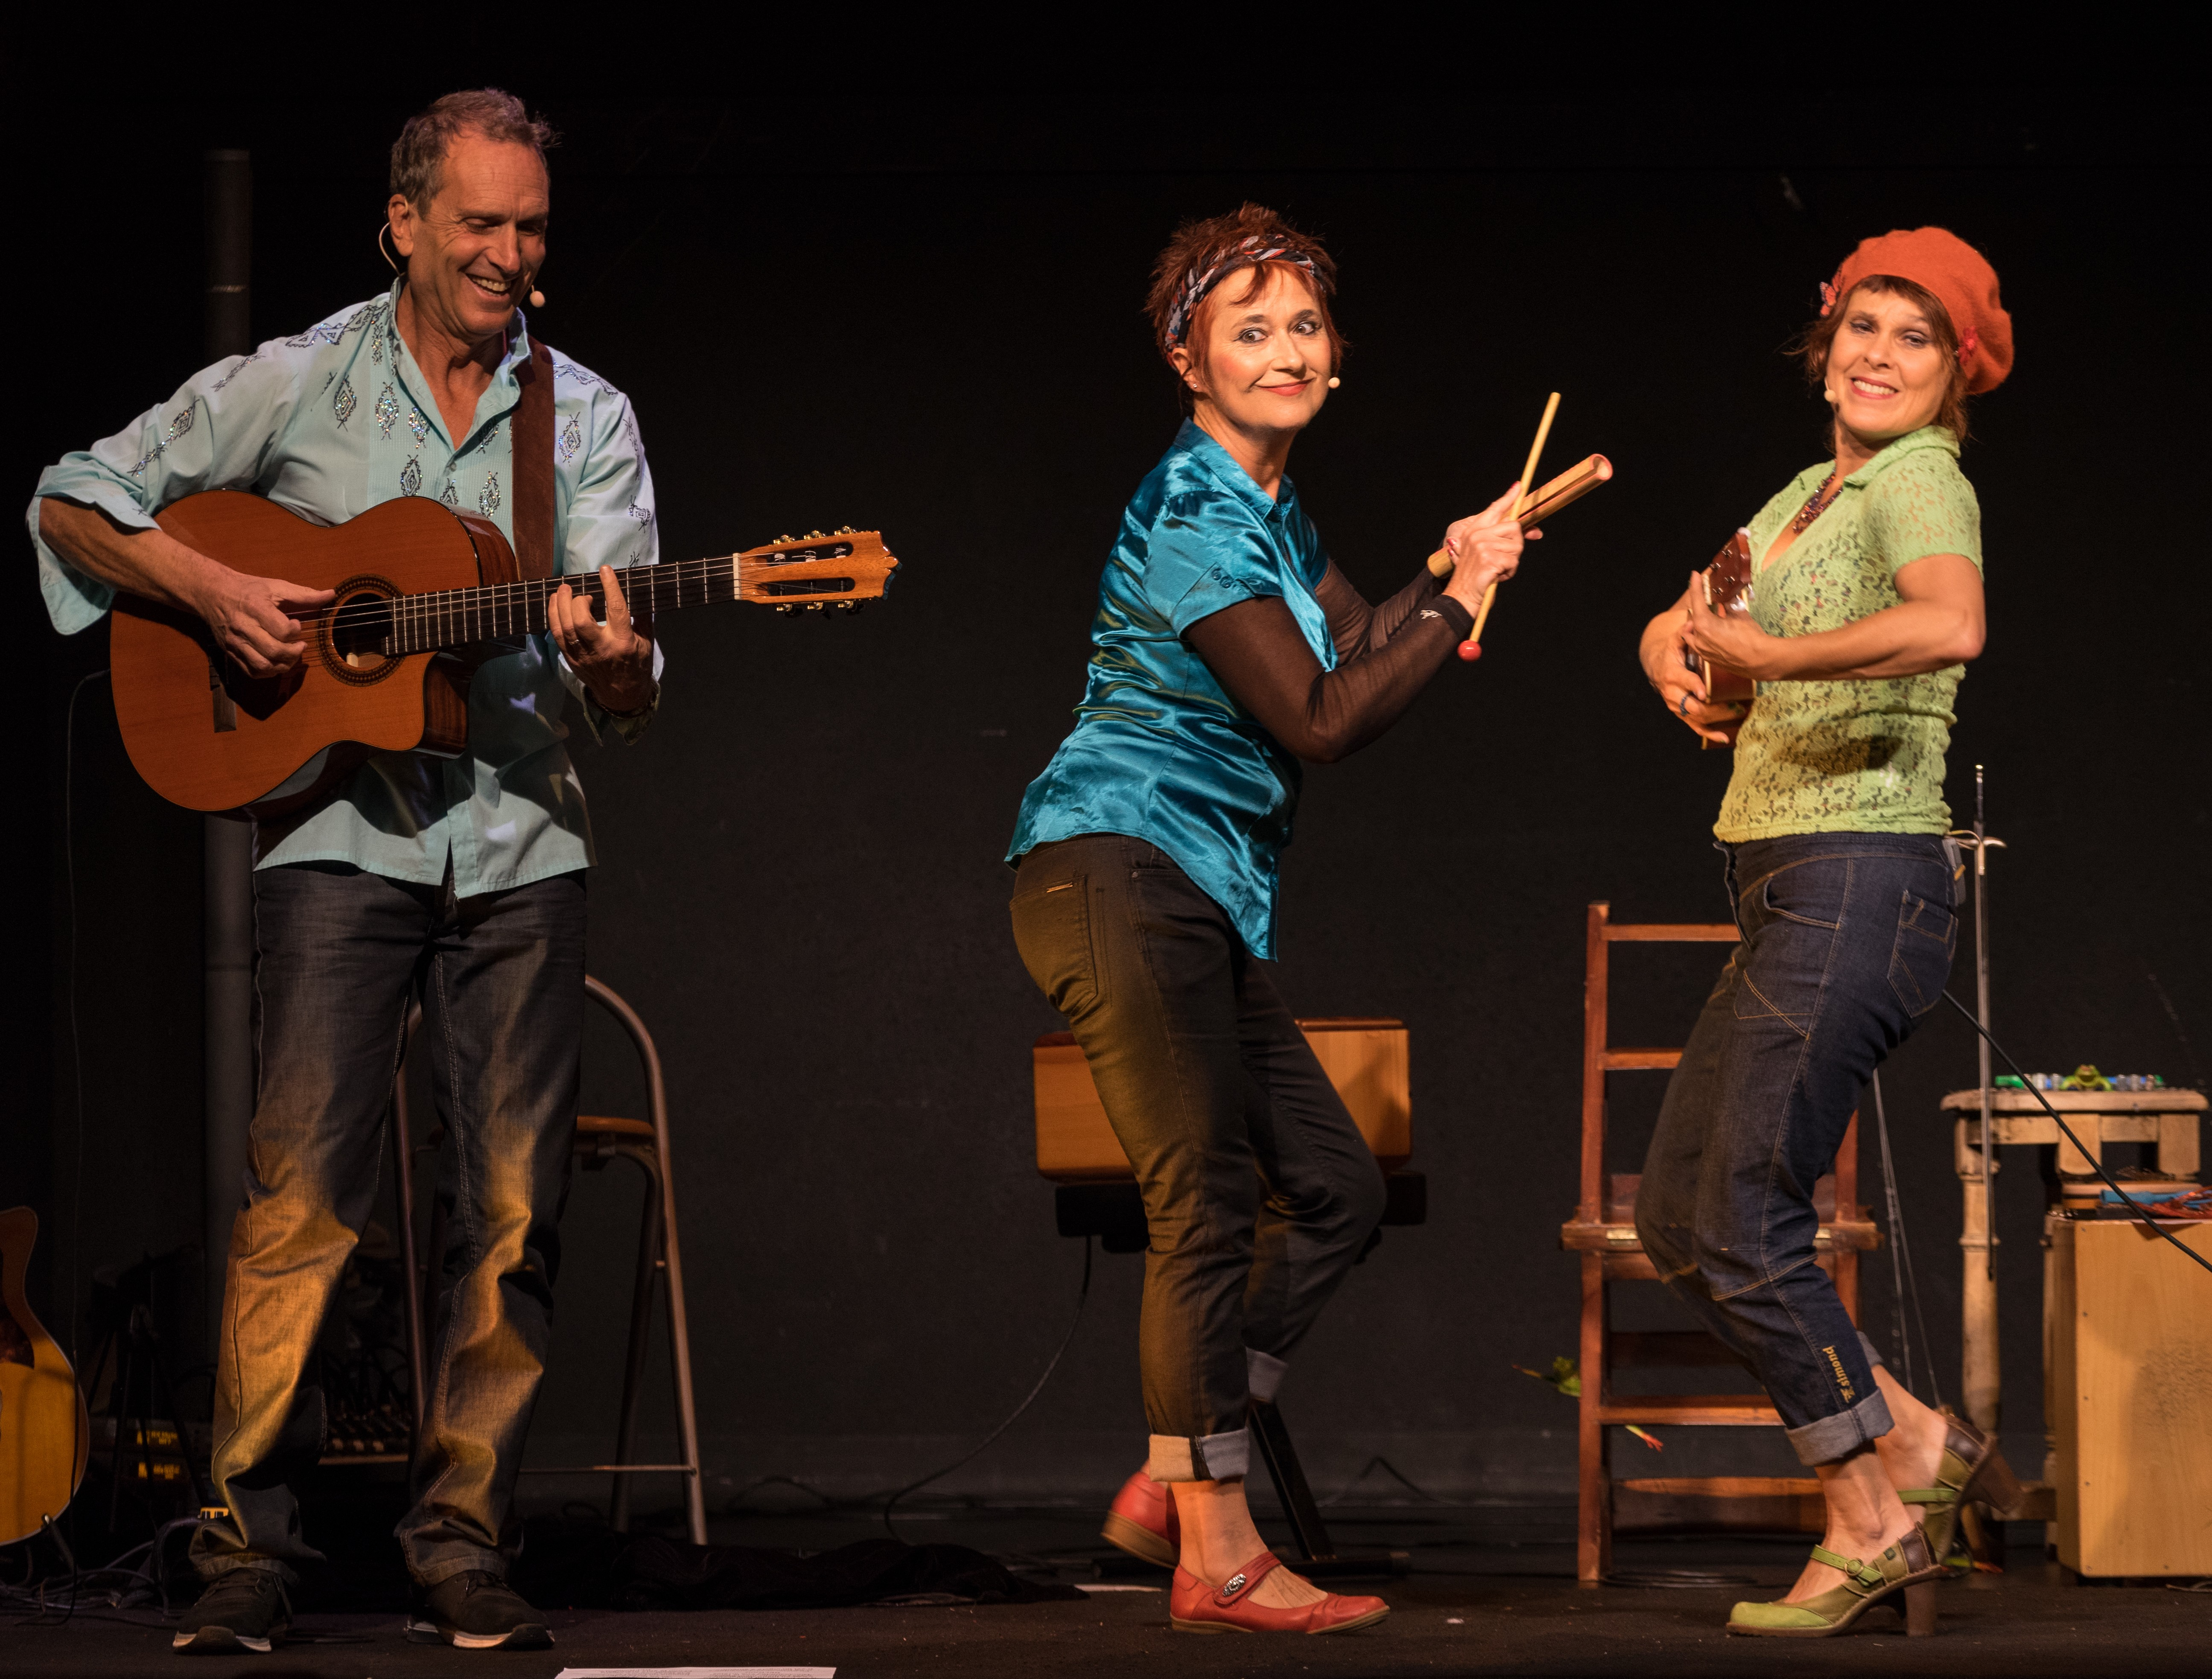 trio ukulele